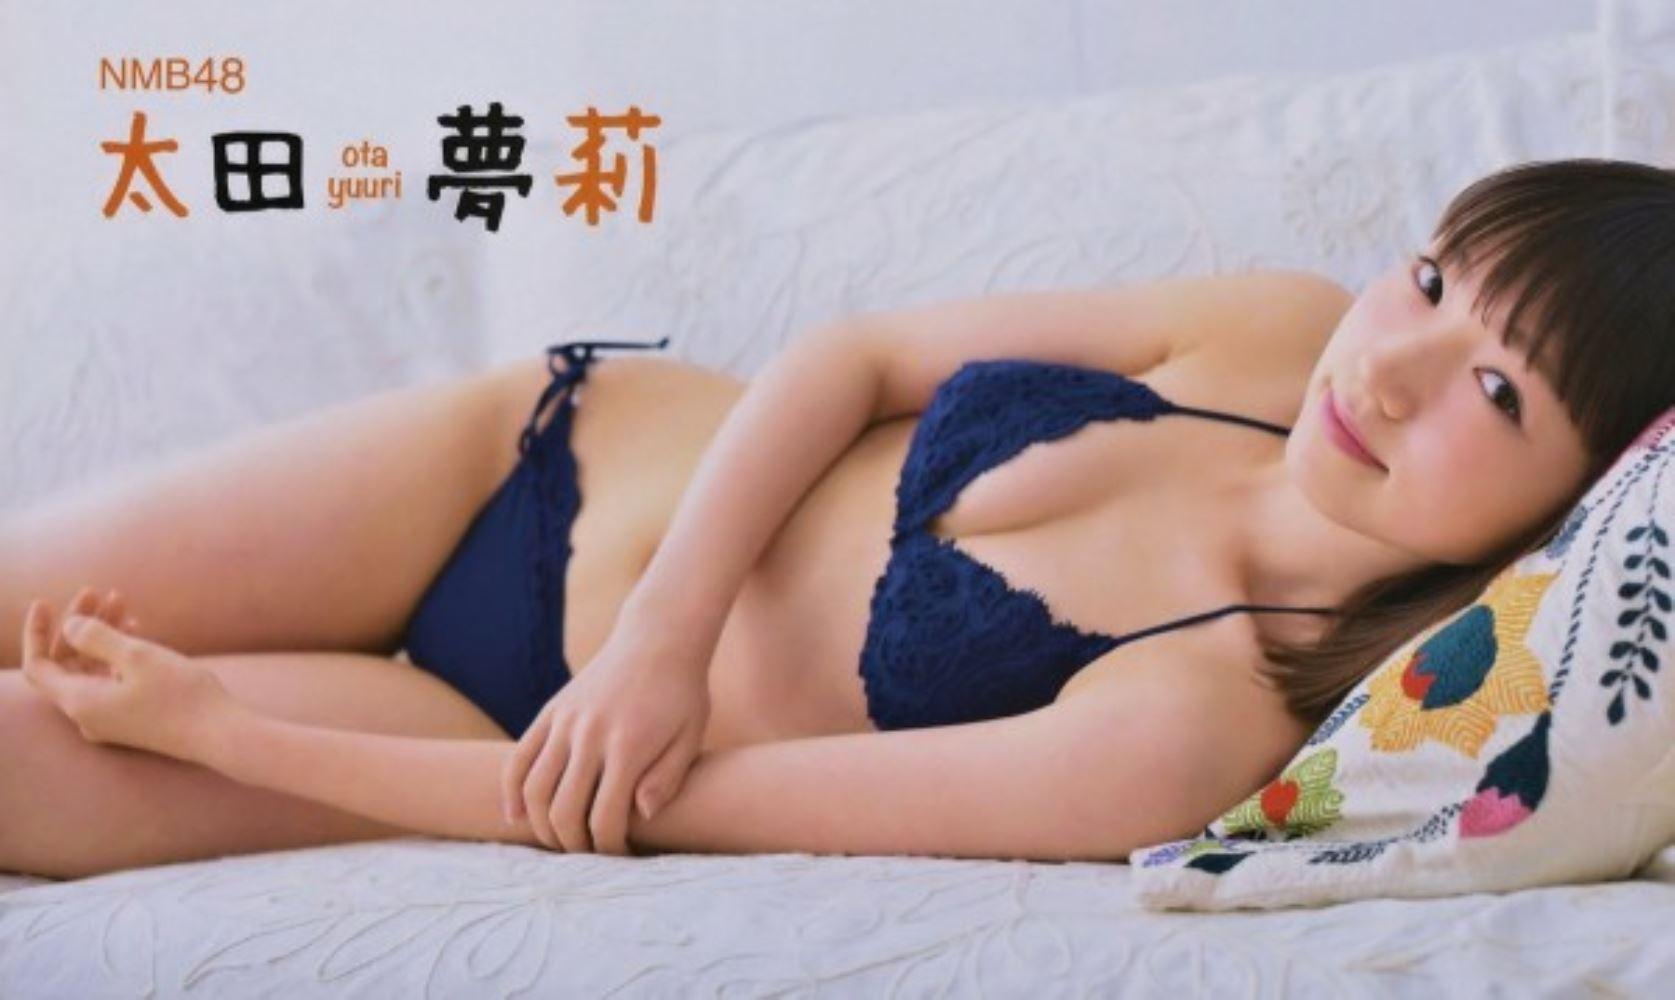 太田夢莉 1万年に1人 可愛い アイドル 水着 画像 13